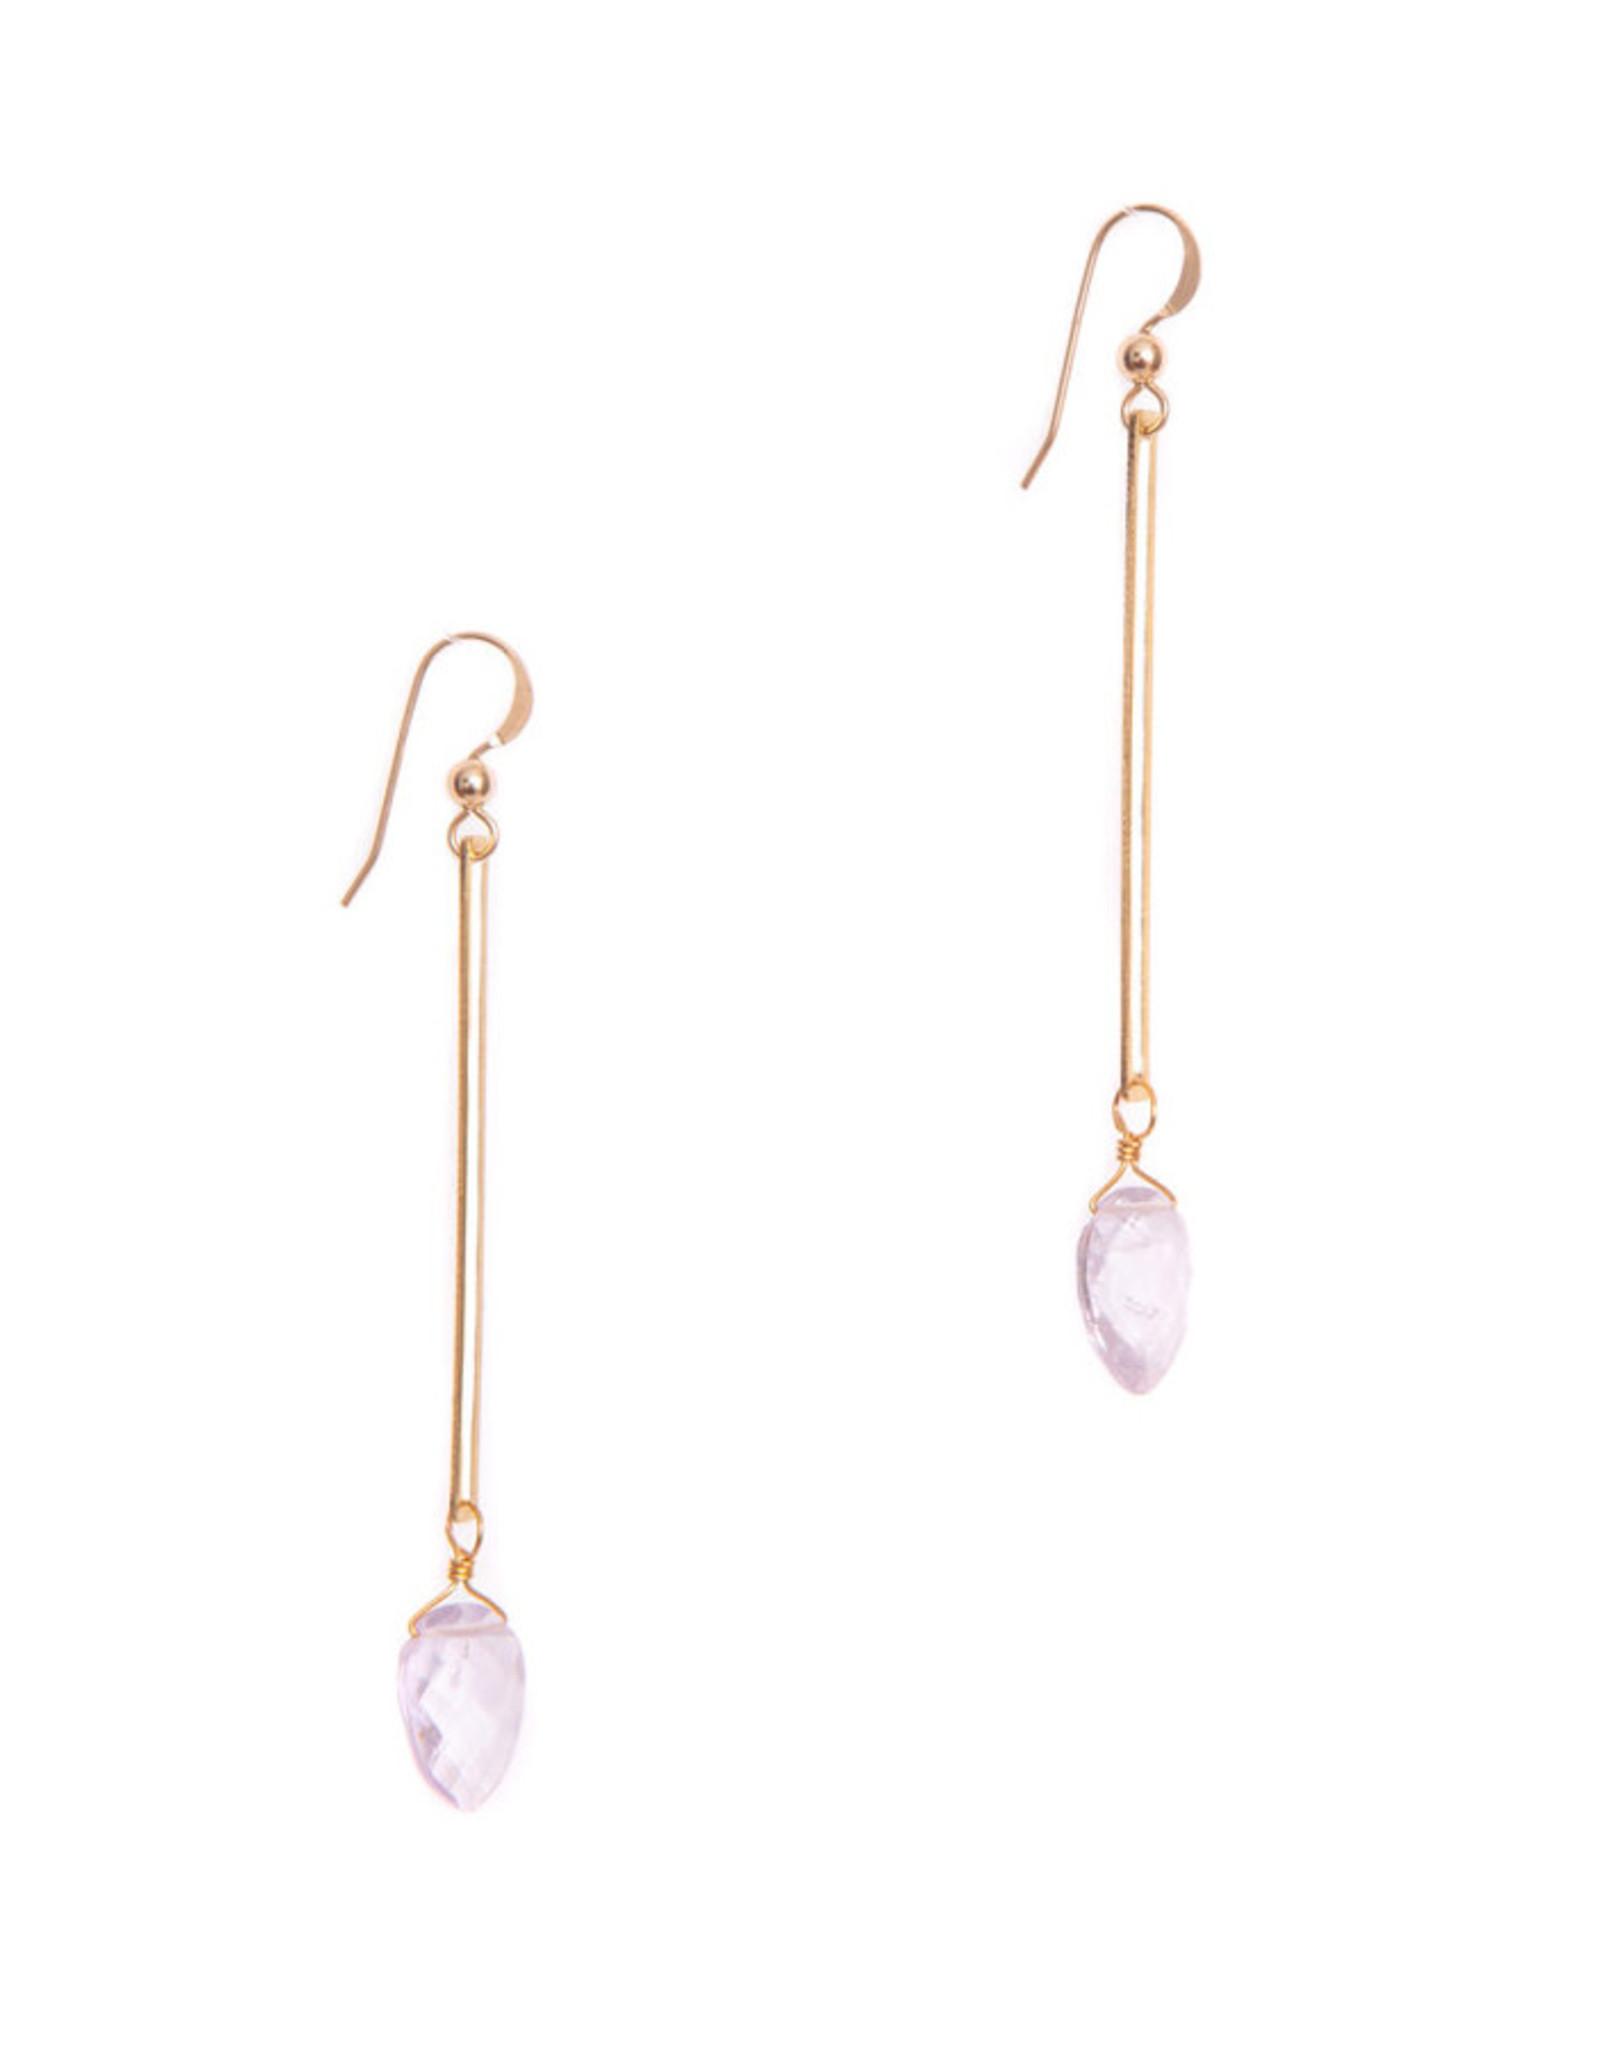 Hailey Gerrits Designs Isla Earrings - Pink Amethyst